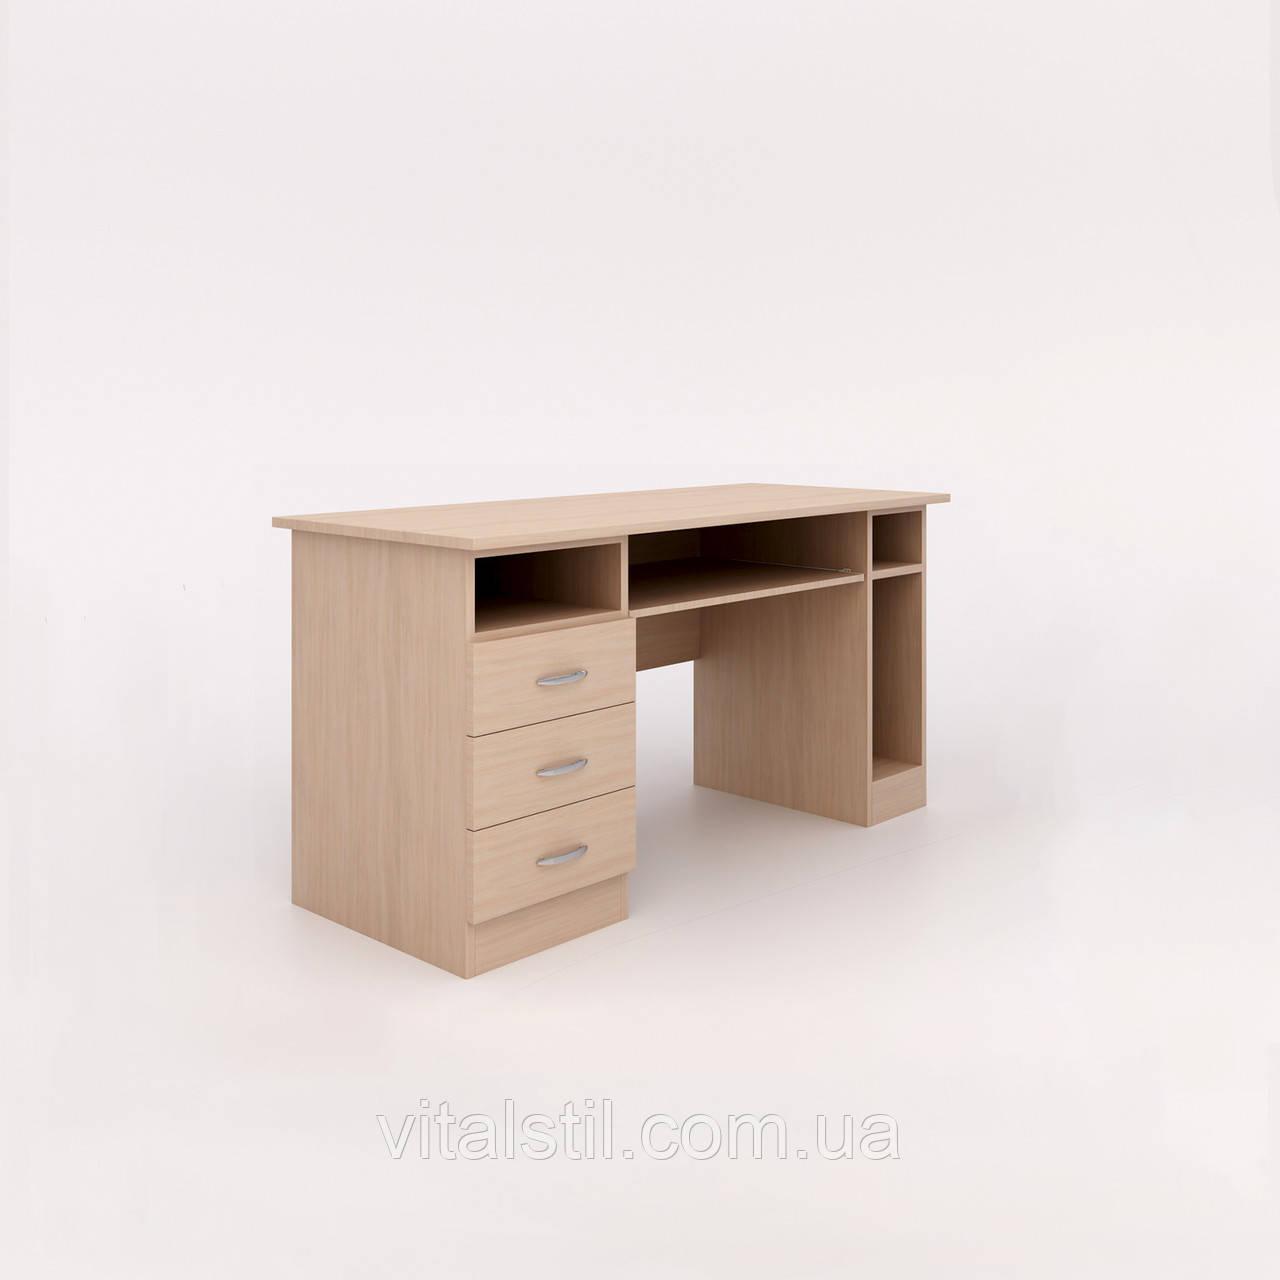 Стол комбинированный универсальный СКУ-1